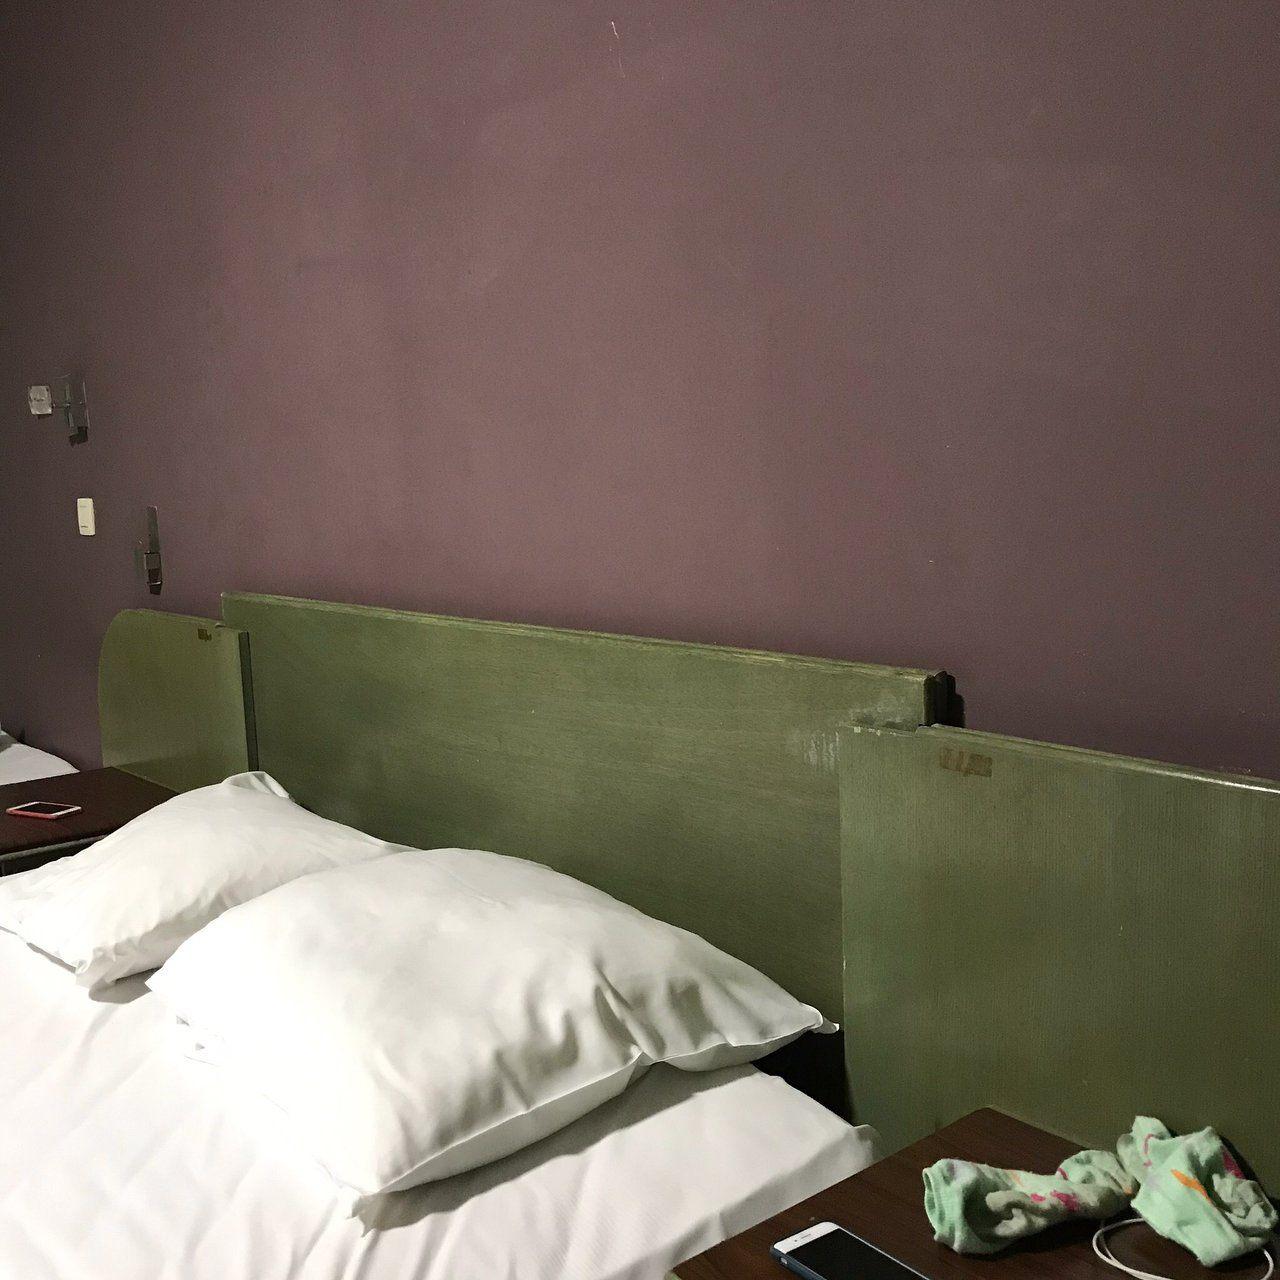 Comment Savoir Si J Ai Des Punaises De Lit Magnifique Hotel Albert Schaerbeek Voir Les Tarifs 42 Avis Et 93 Photos